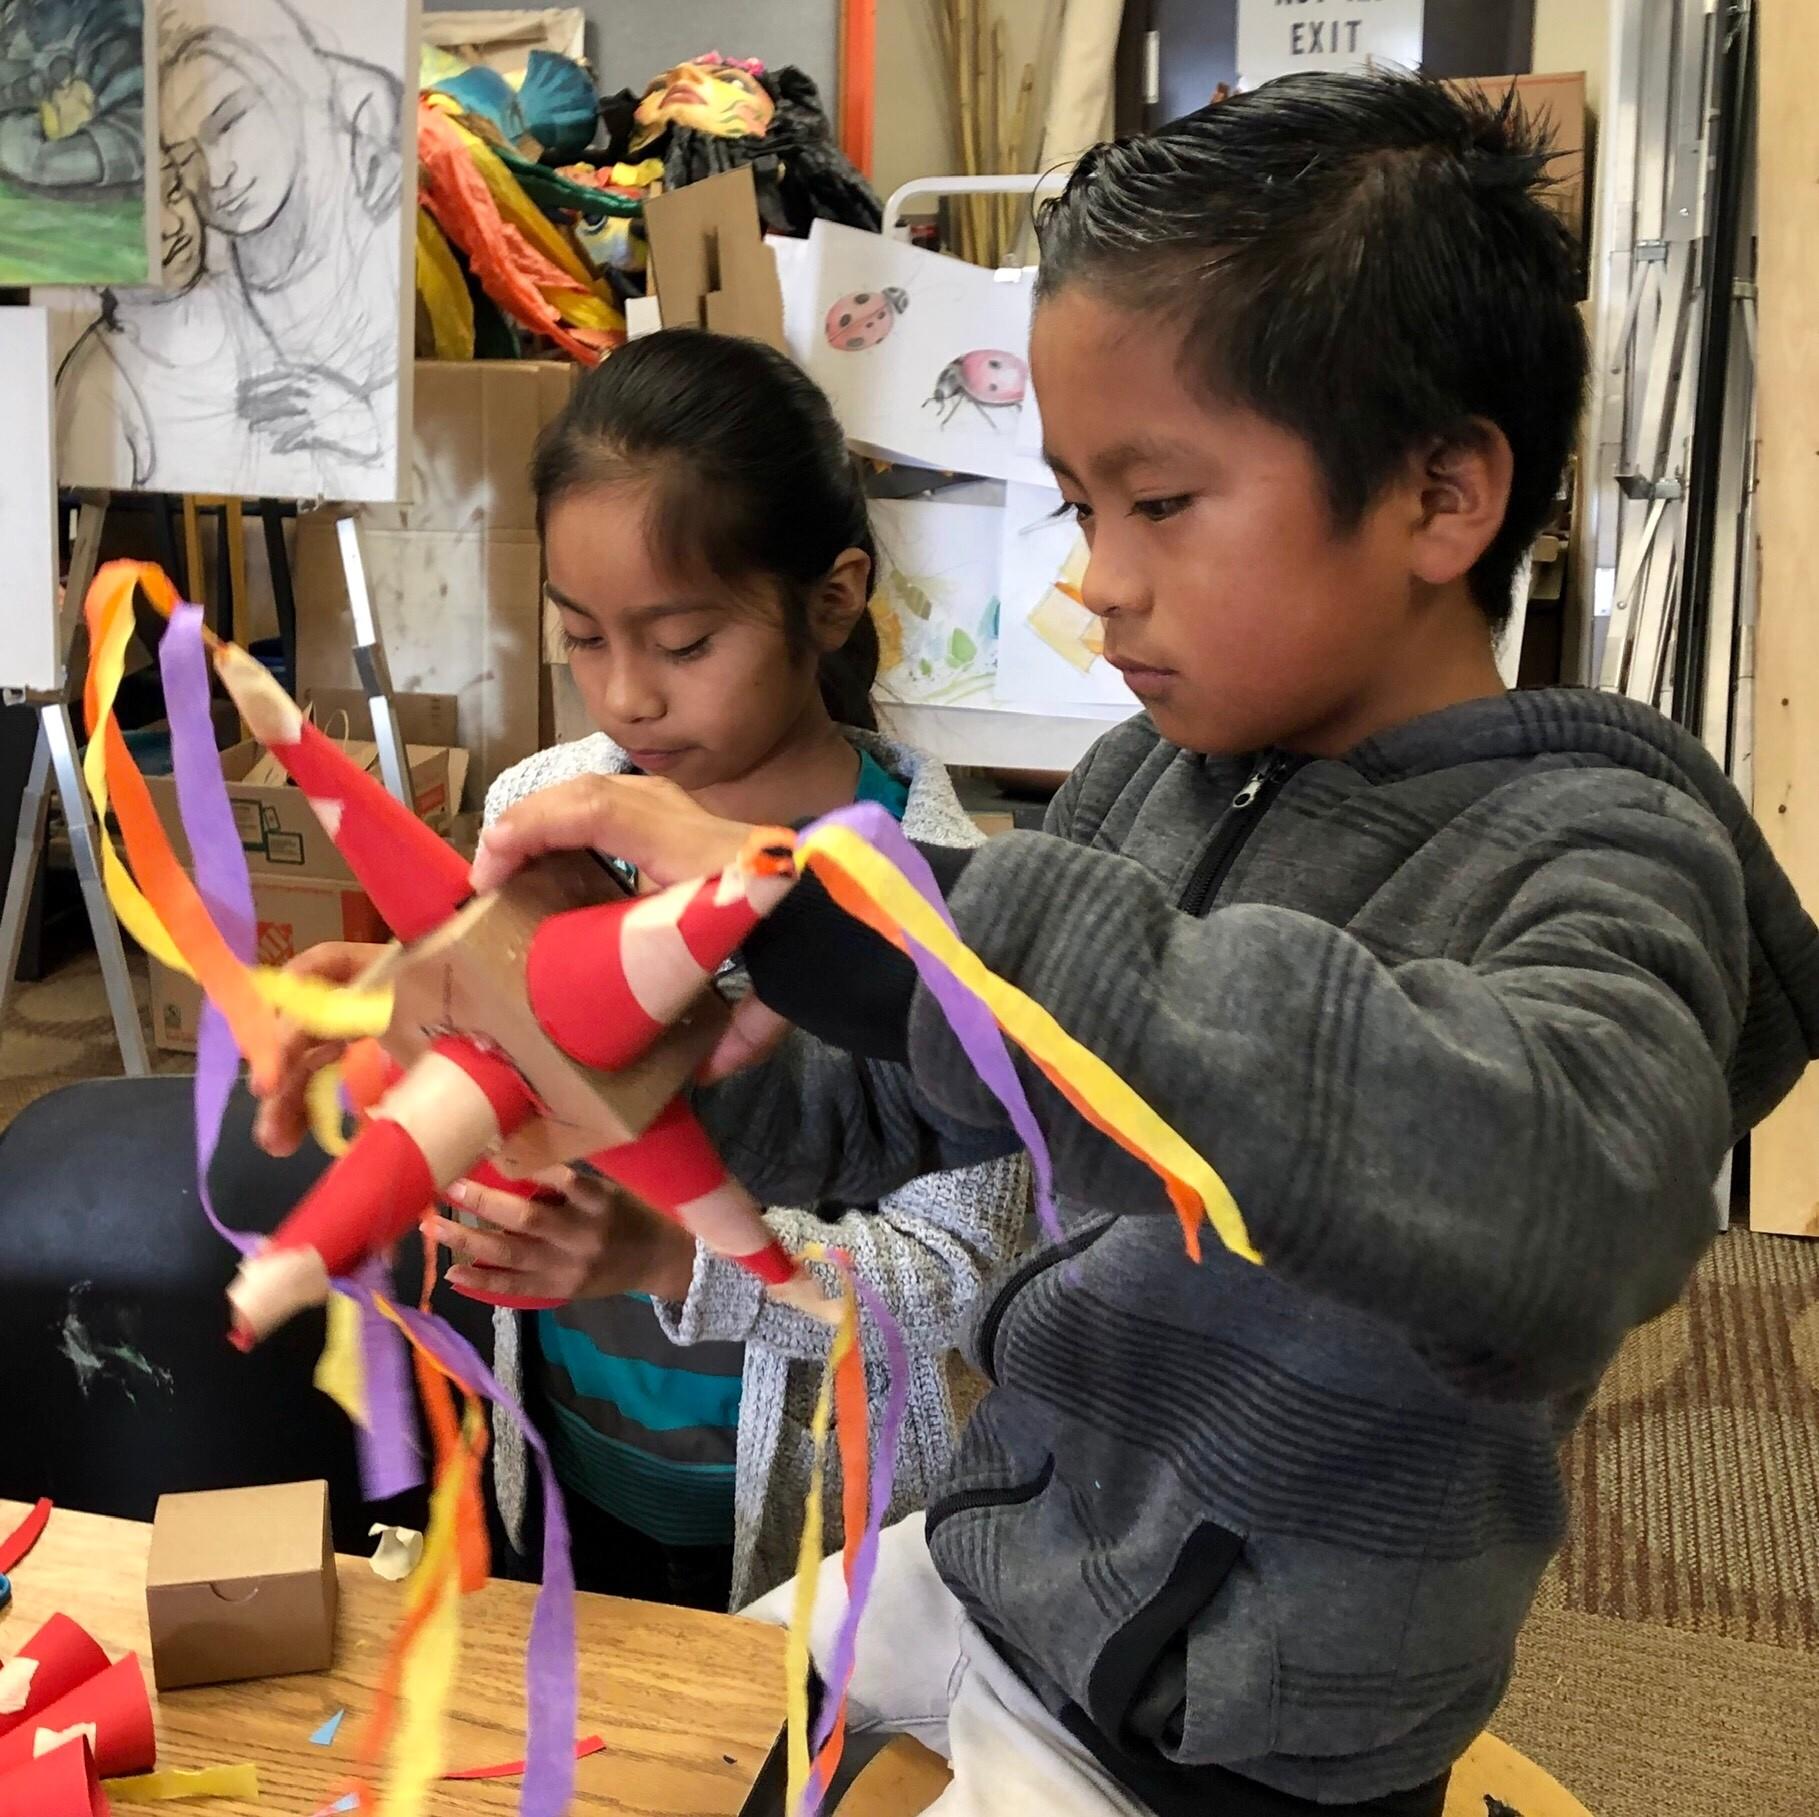 Two children focusing on making pinatas